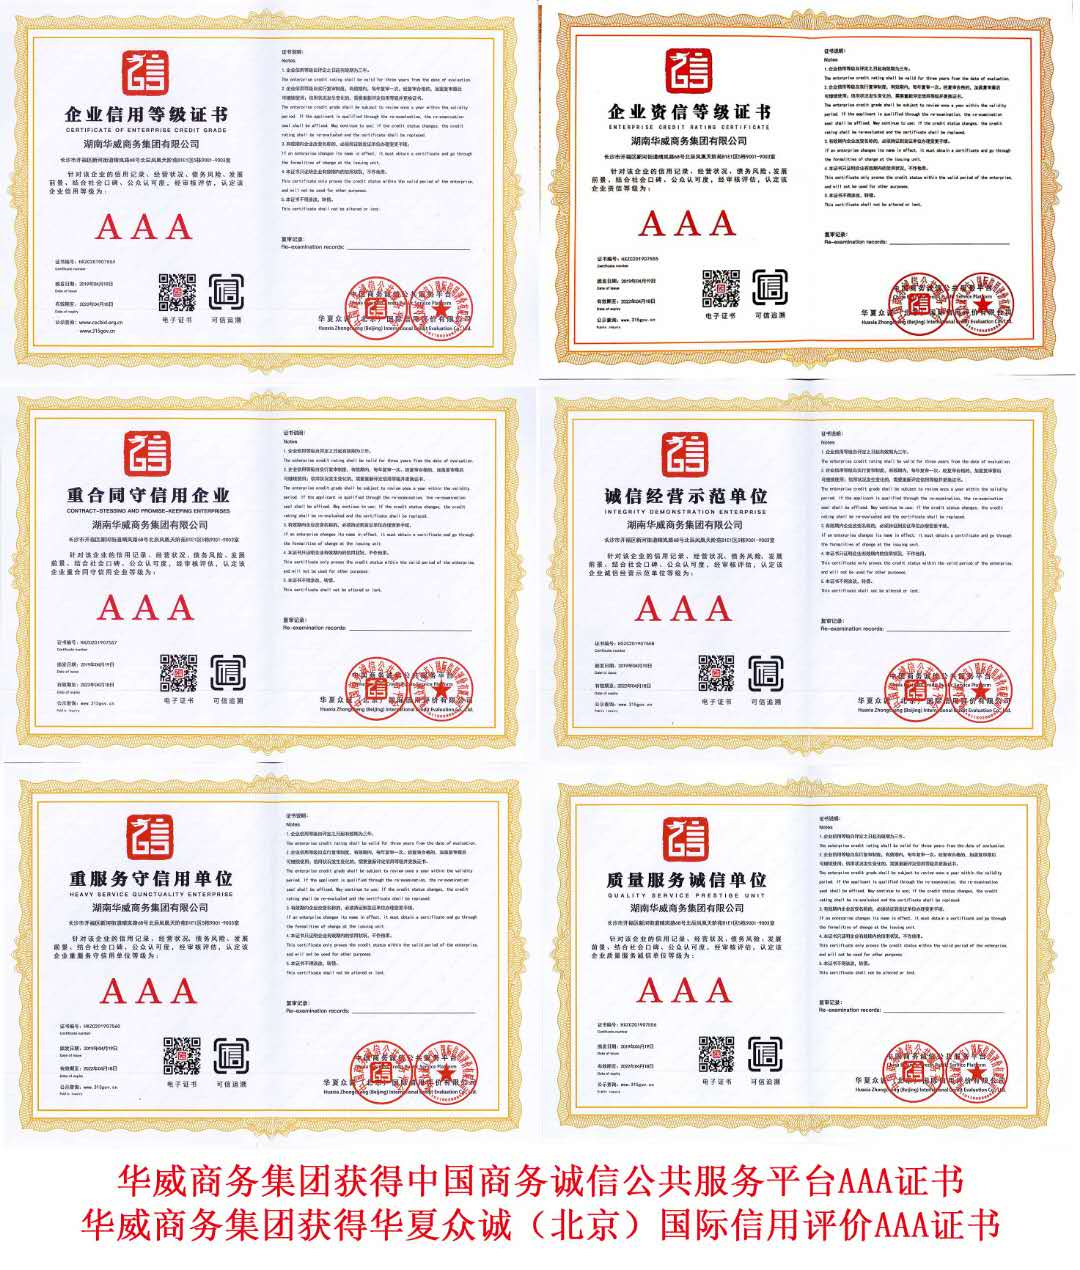 华威商务集团企业集团登记证